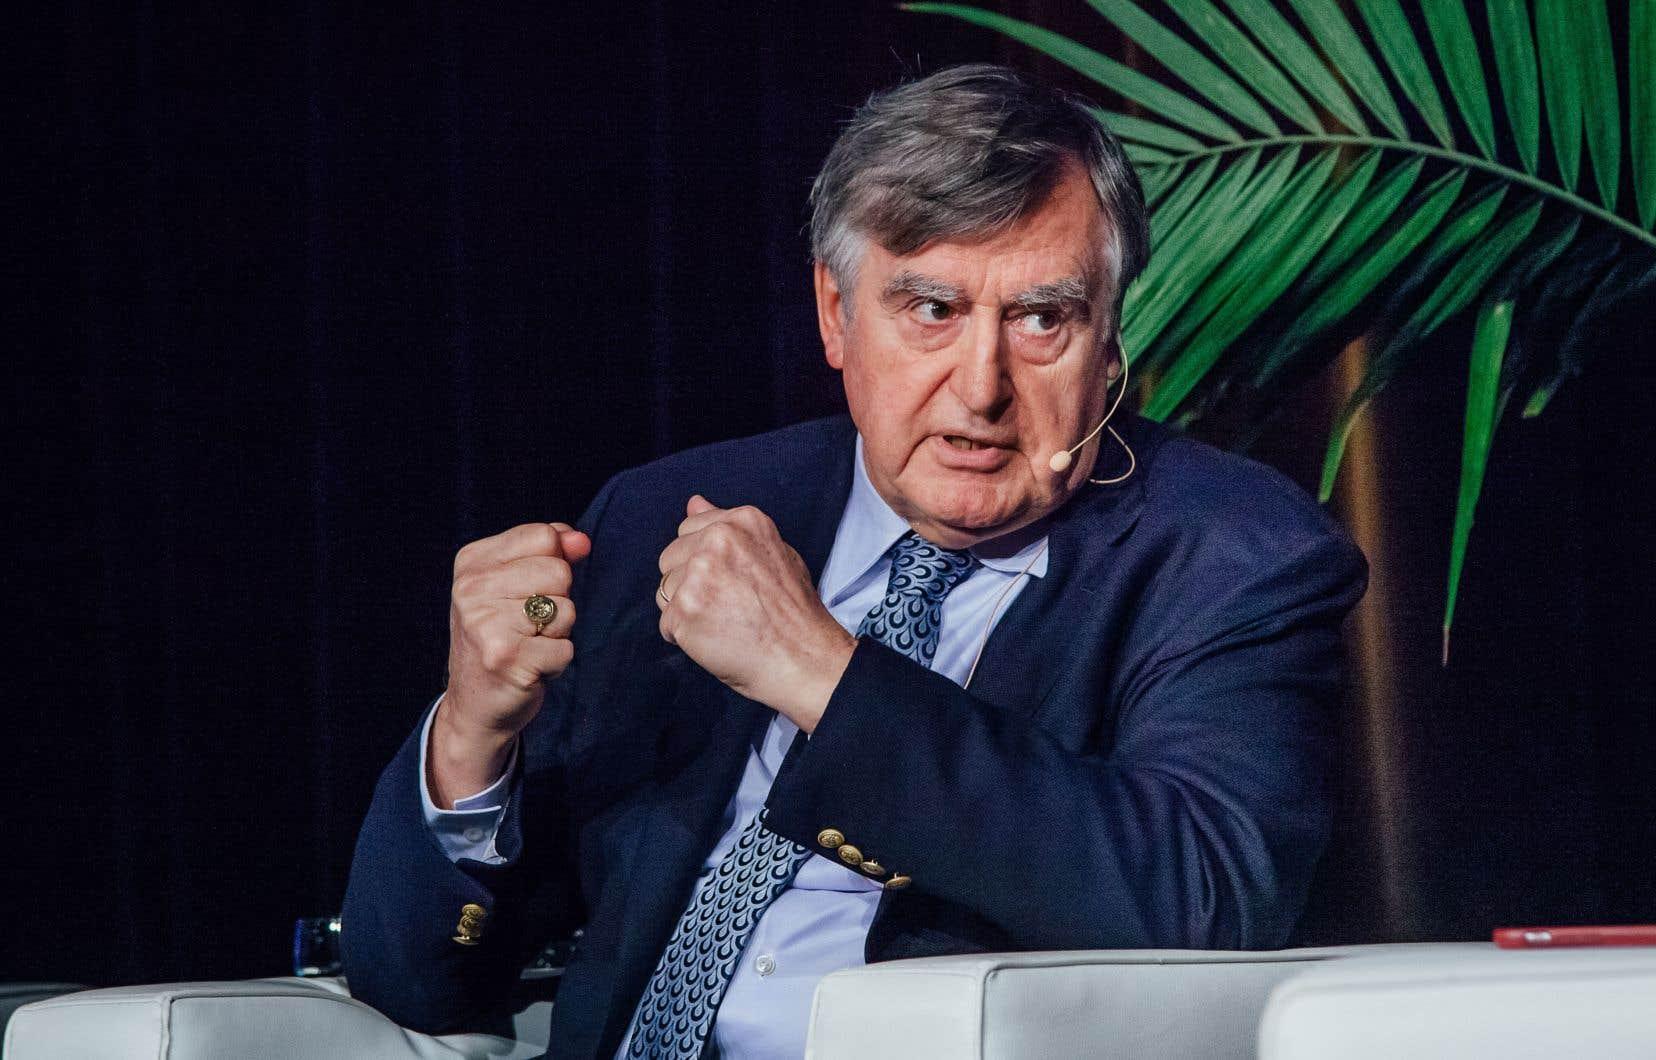 L'ancien premier ministre du Québec, Lucien Bouchard, lors d'un événement public tenu en mai 2019.